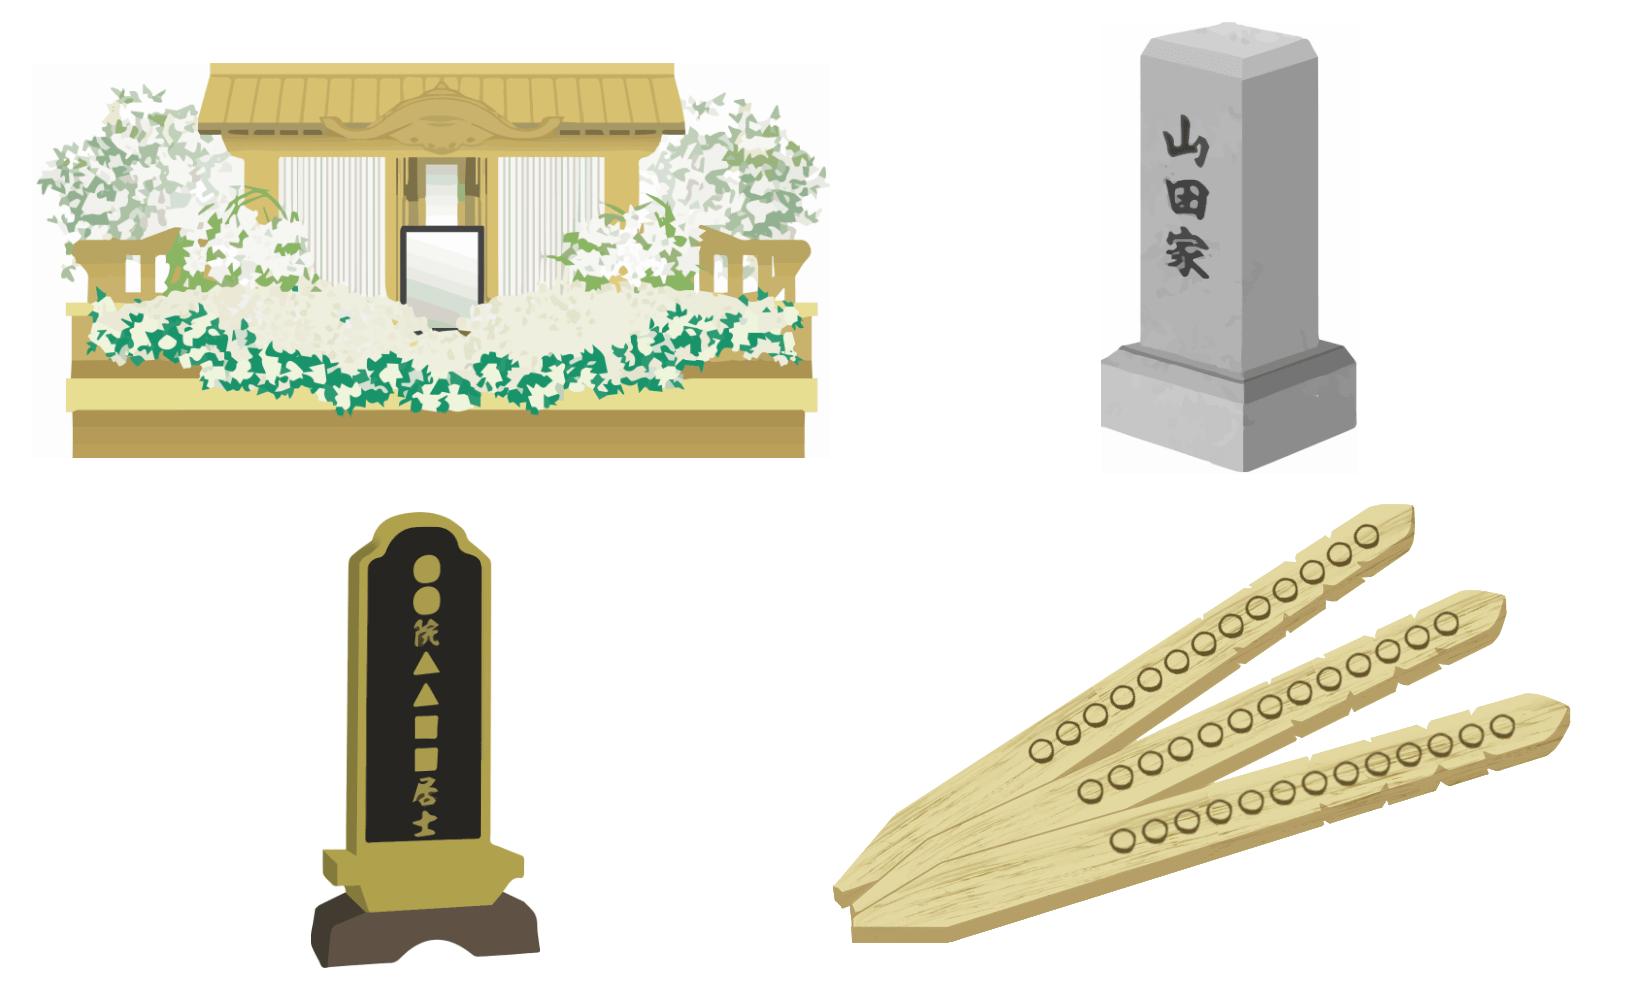 戒名は、主に故人の葬儀、墓石、位牌、板塔婆(いたとうば)の4場面で必要になる